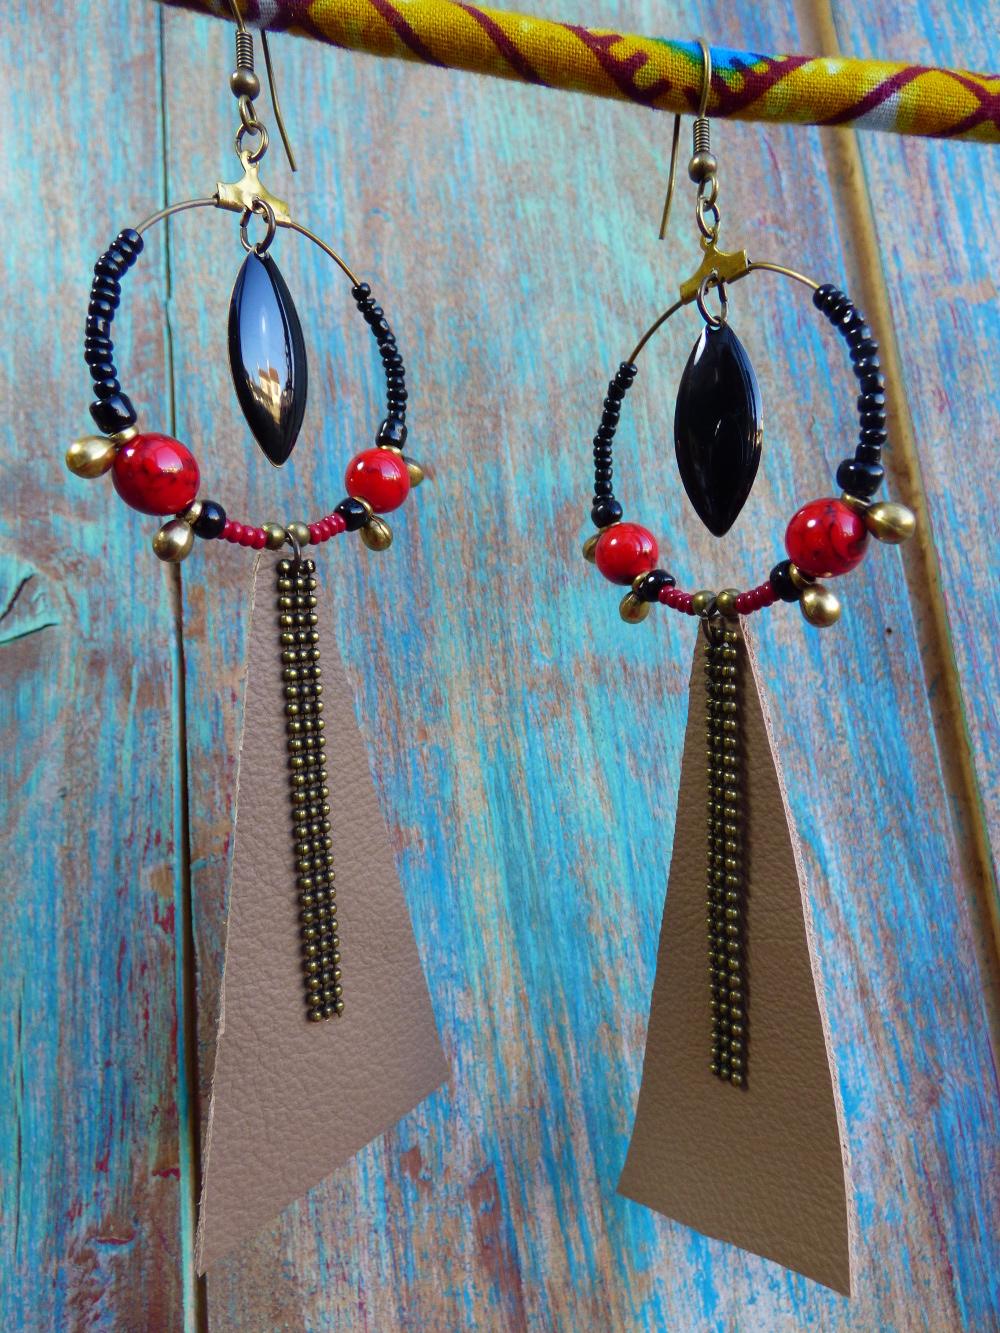 Boucles d'oreilles créoles ethniques tribales en cuir marron et perles rouges et noires.